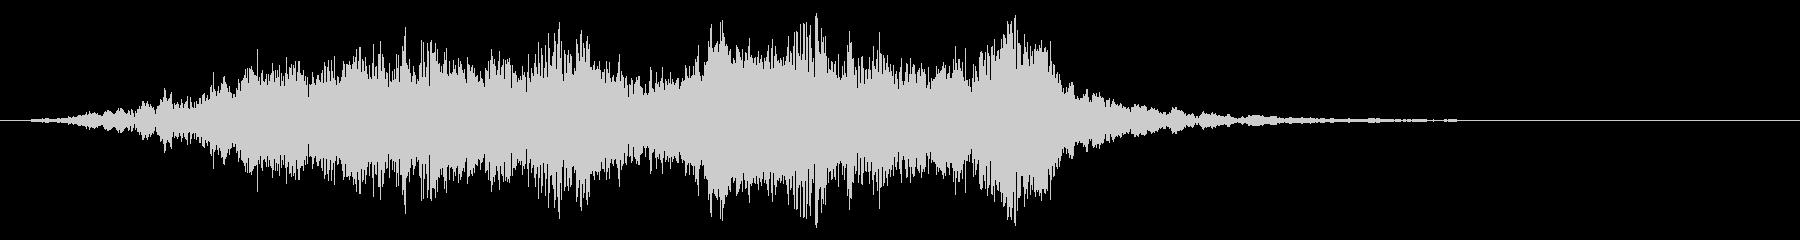 不気味なミュージカルのロゴの未再生の波形